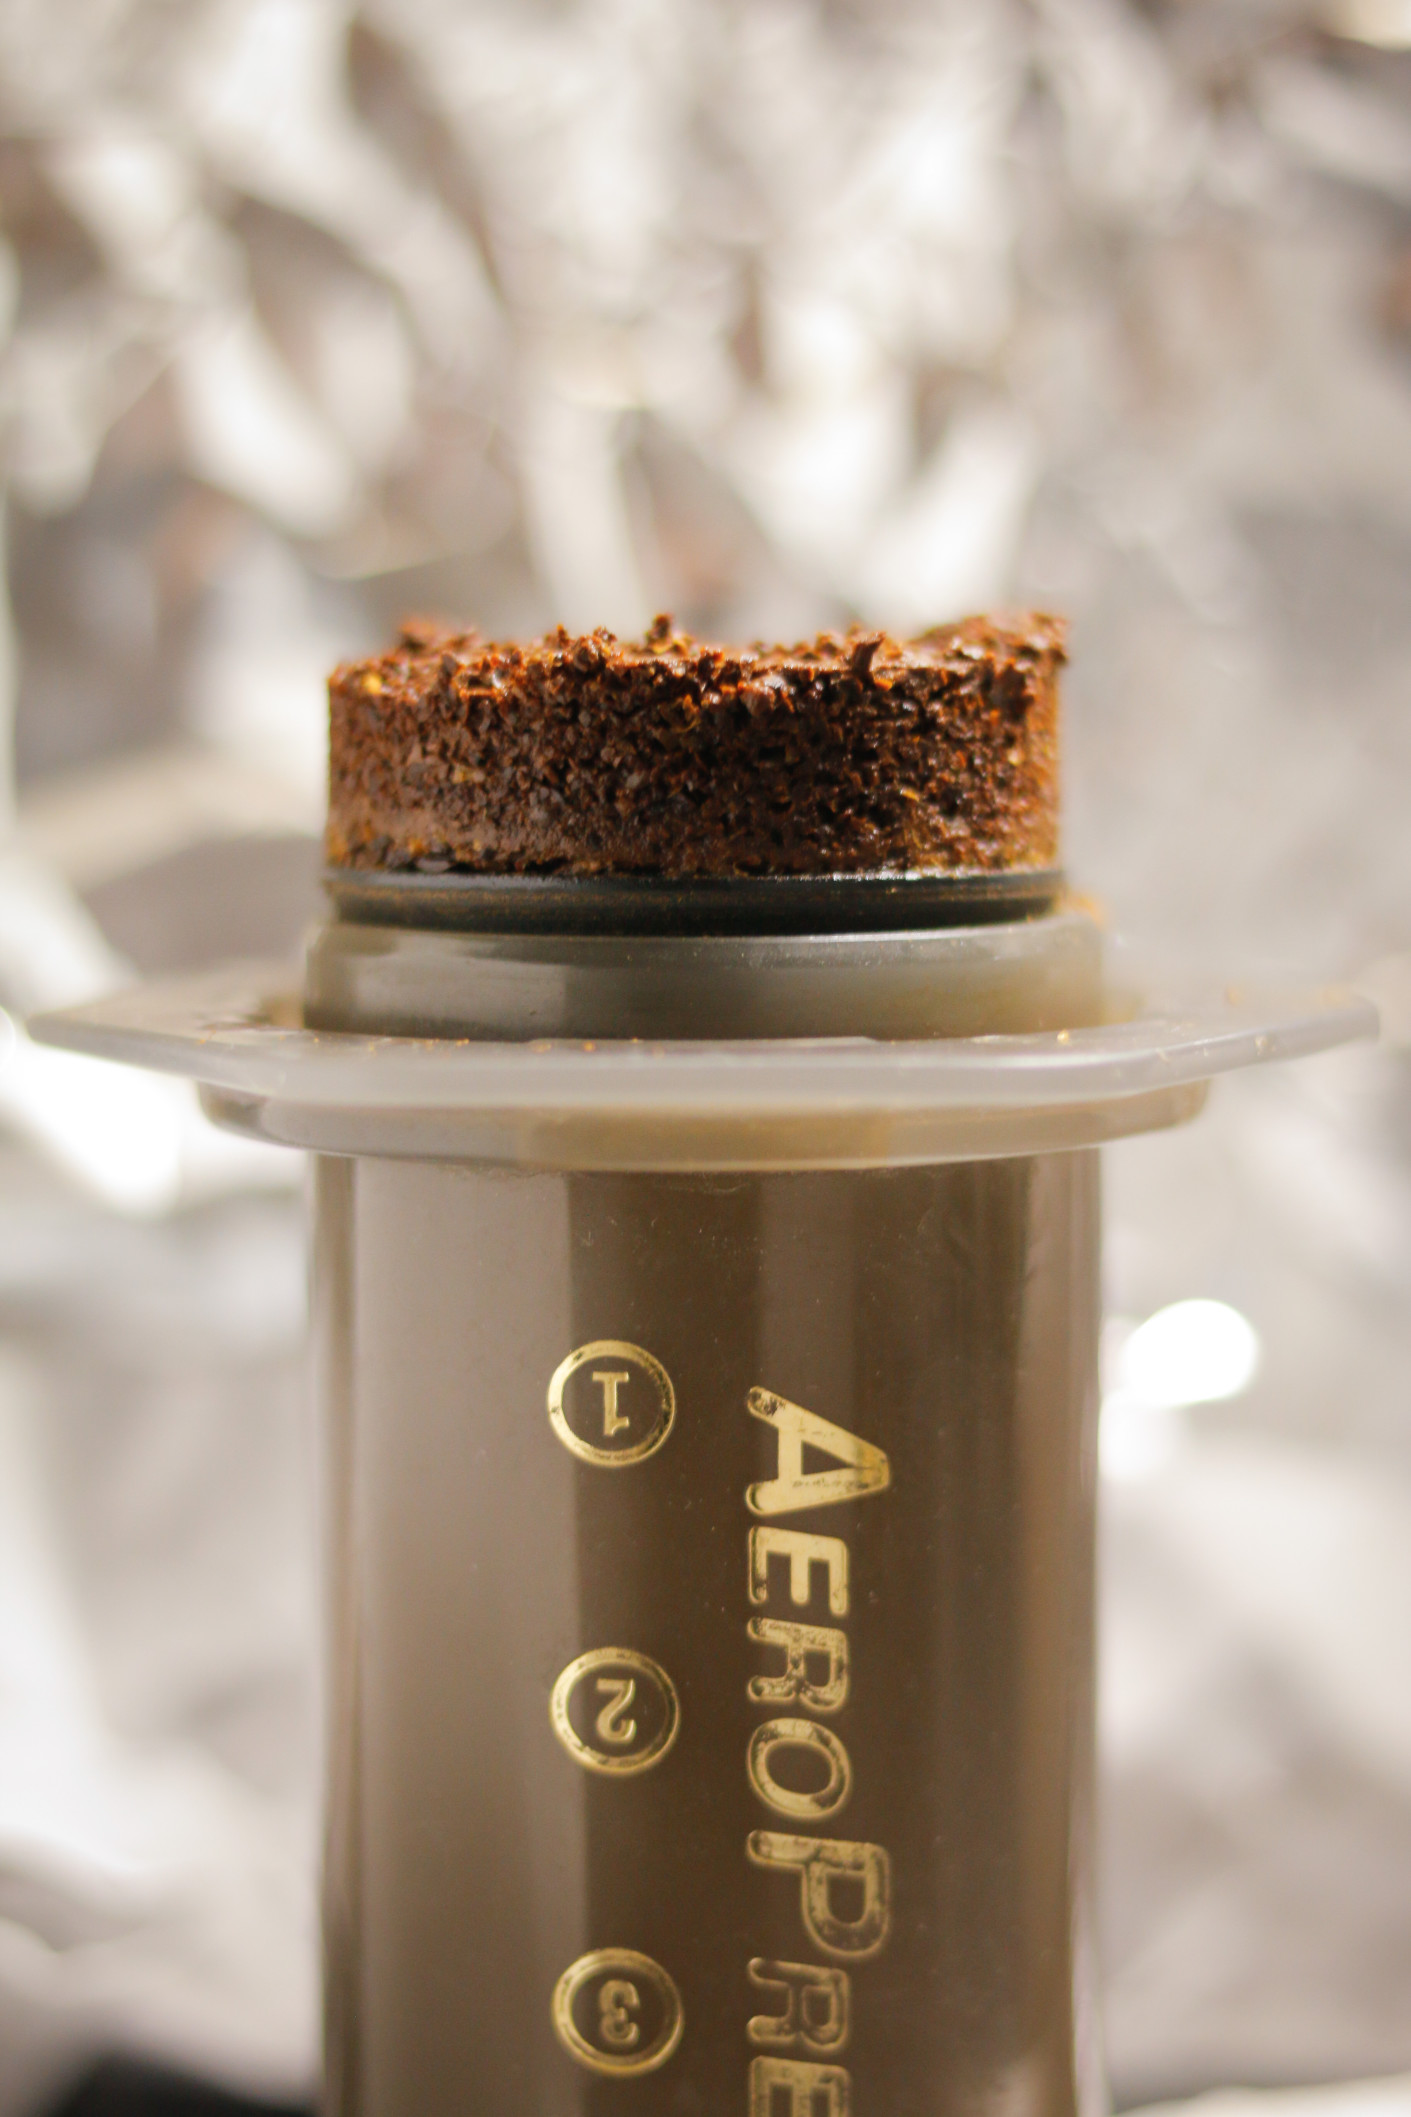 aeropress-coffee-puck_t20_BmOd2r